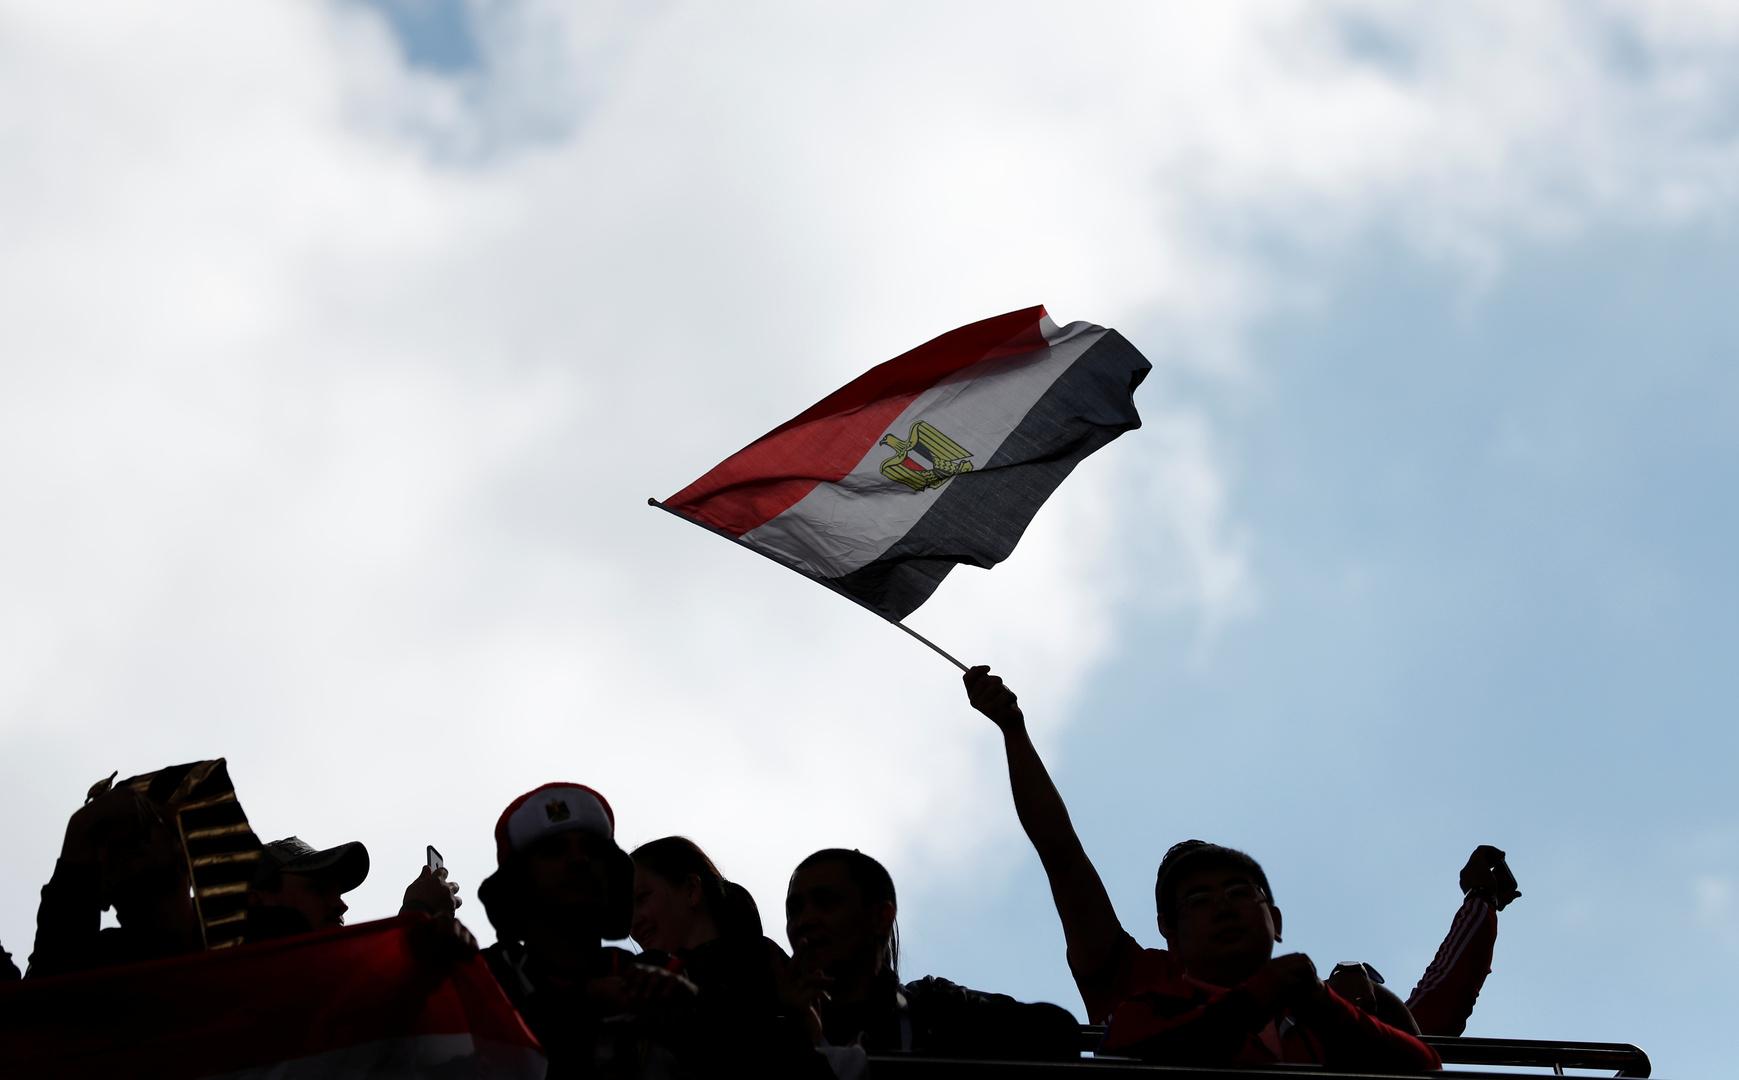 مصر تعلن العمل على تصنيع 35 قمرا صناعيا